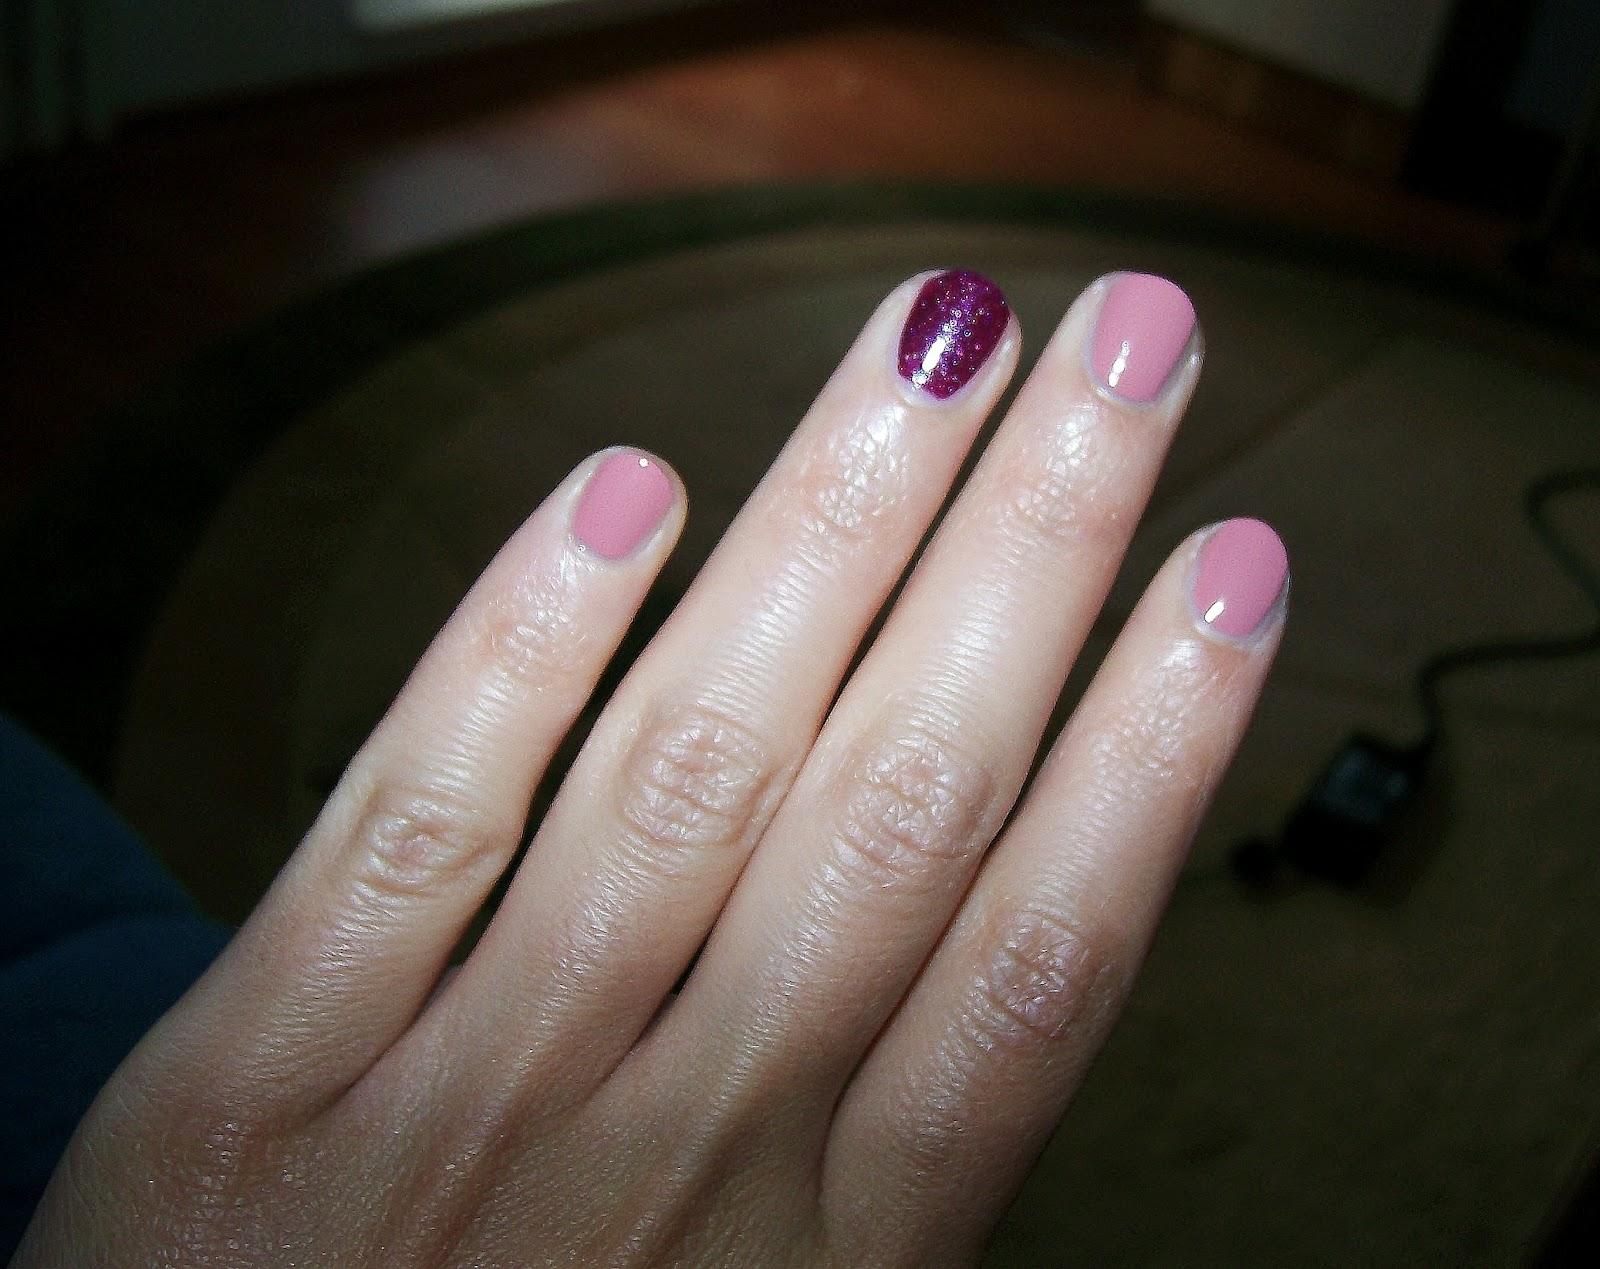 Glossy Beauty Blog Ring Finger Nail Polish La Nuova